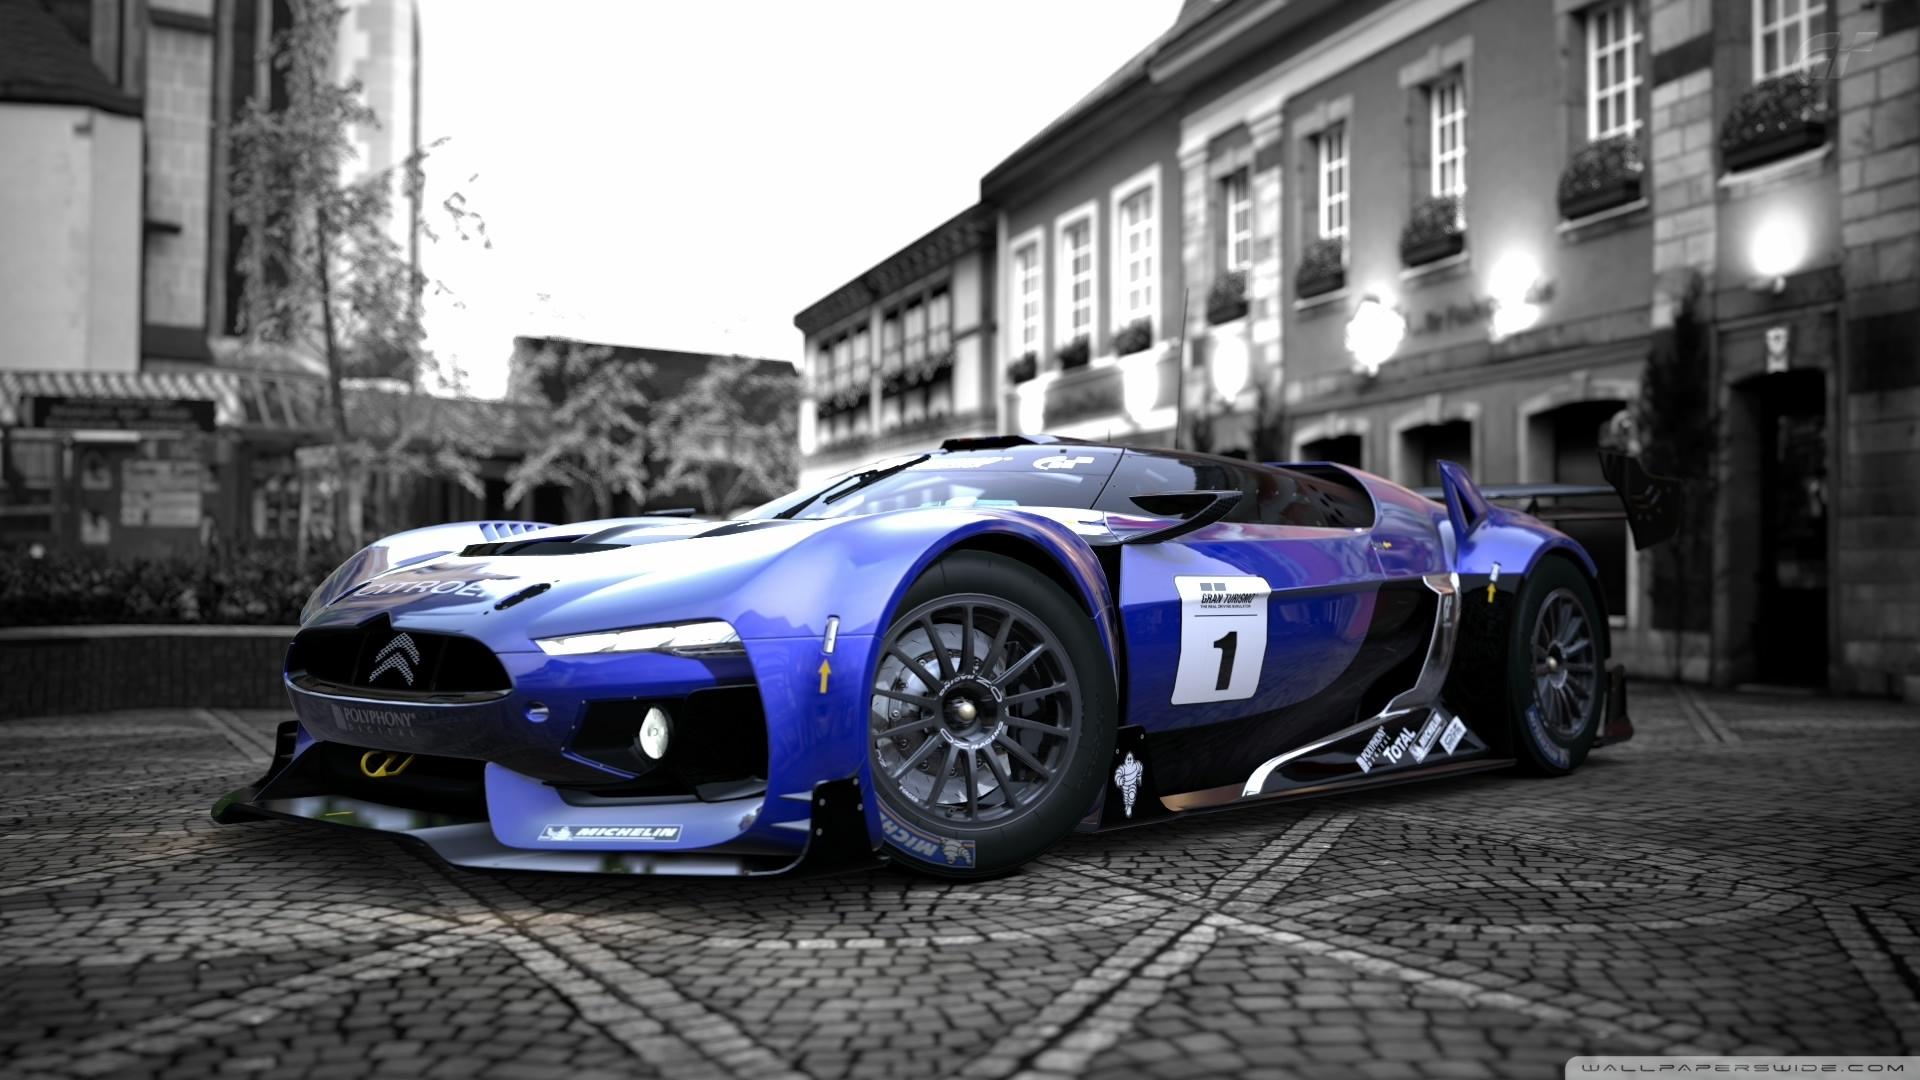 citroen-gt-car-Gt-Citron-Race-Car-Hd-Desktop-Widescreen-High-intended-for-c-wallpaper-wpc5803499